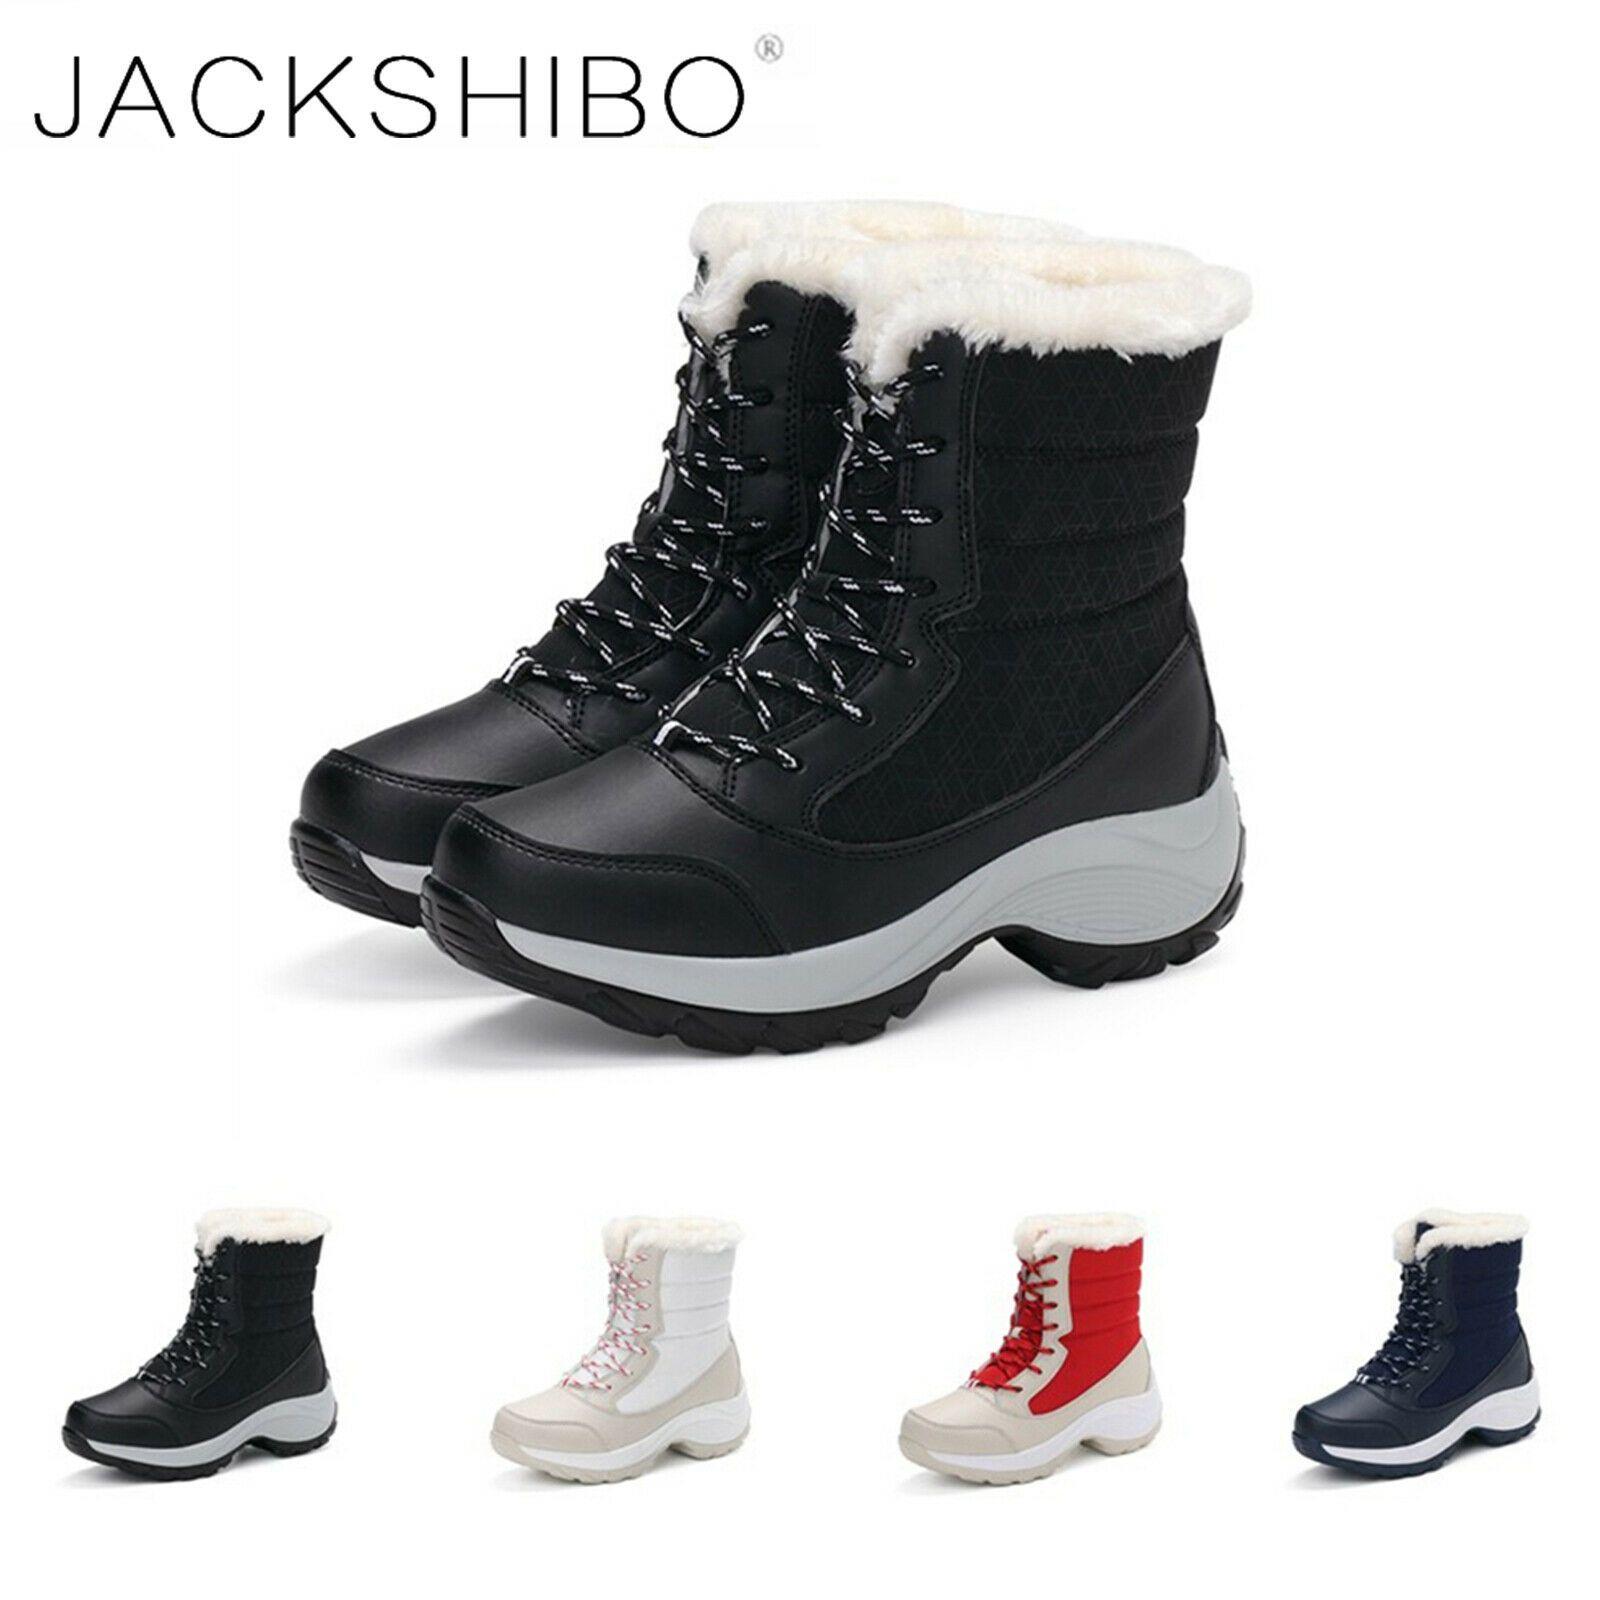 Damenschuhe Winter Stiefel Boots Schneestiefel Stiefeletten Warm Snow Gefuttert Stiefel Ideas Of Stiefel Stiefel Schneestiefel Stiefel Schuhe Frauen